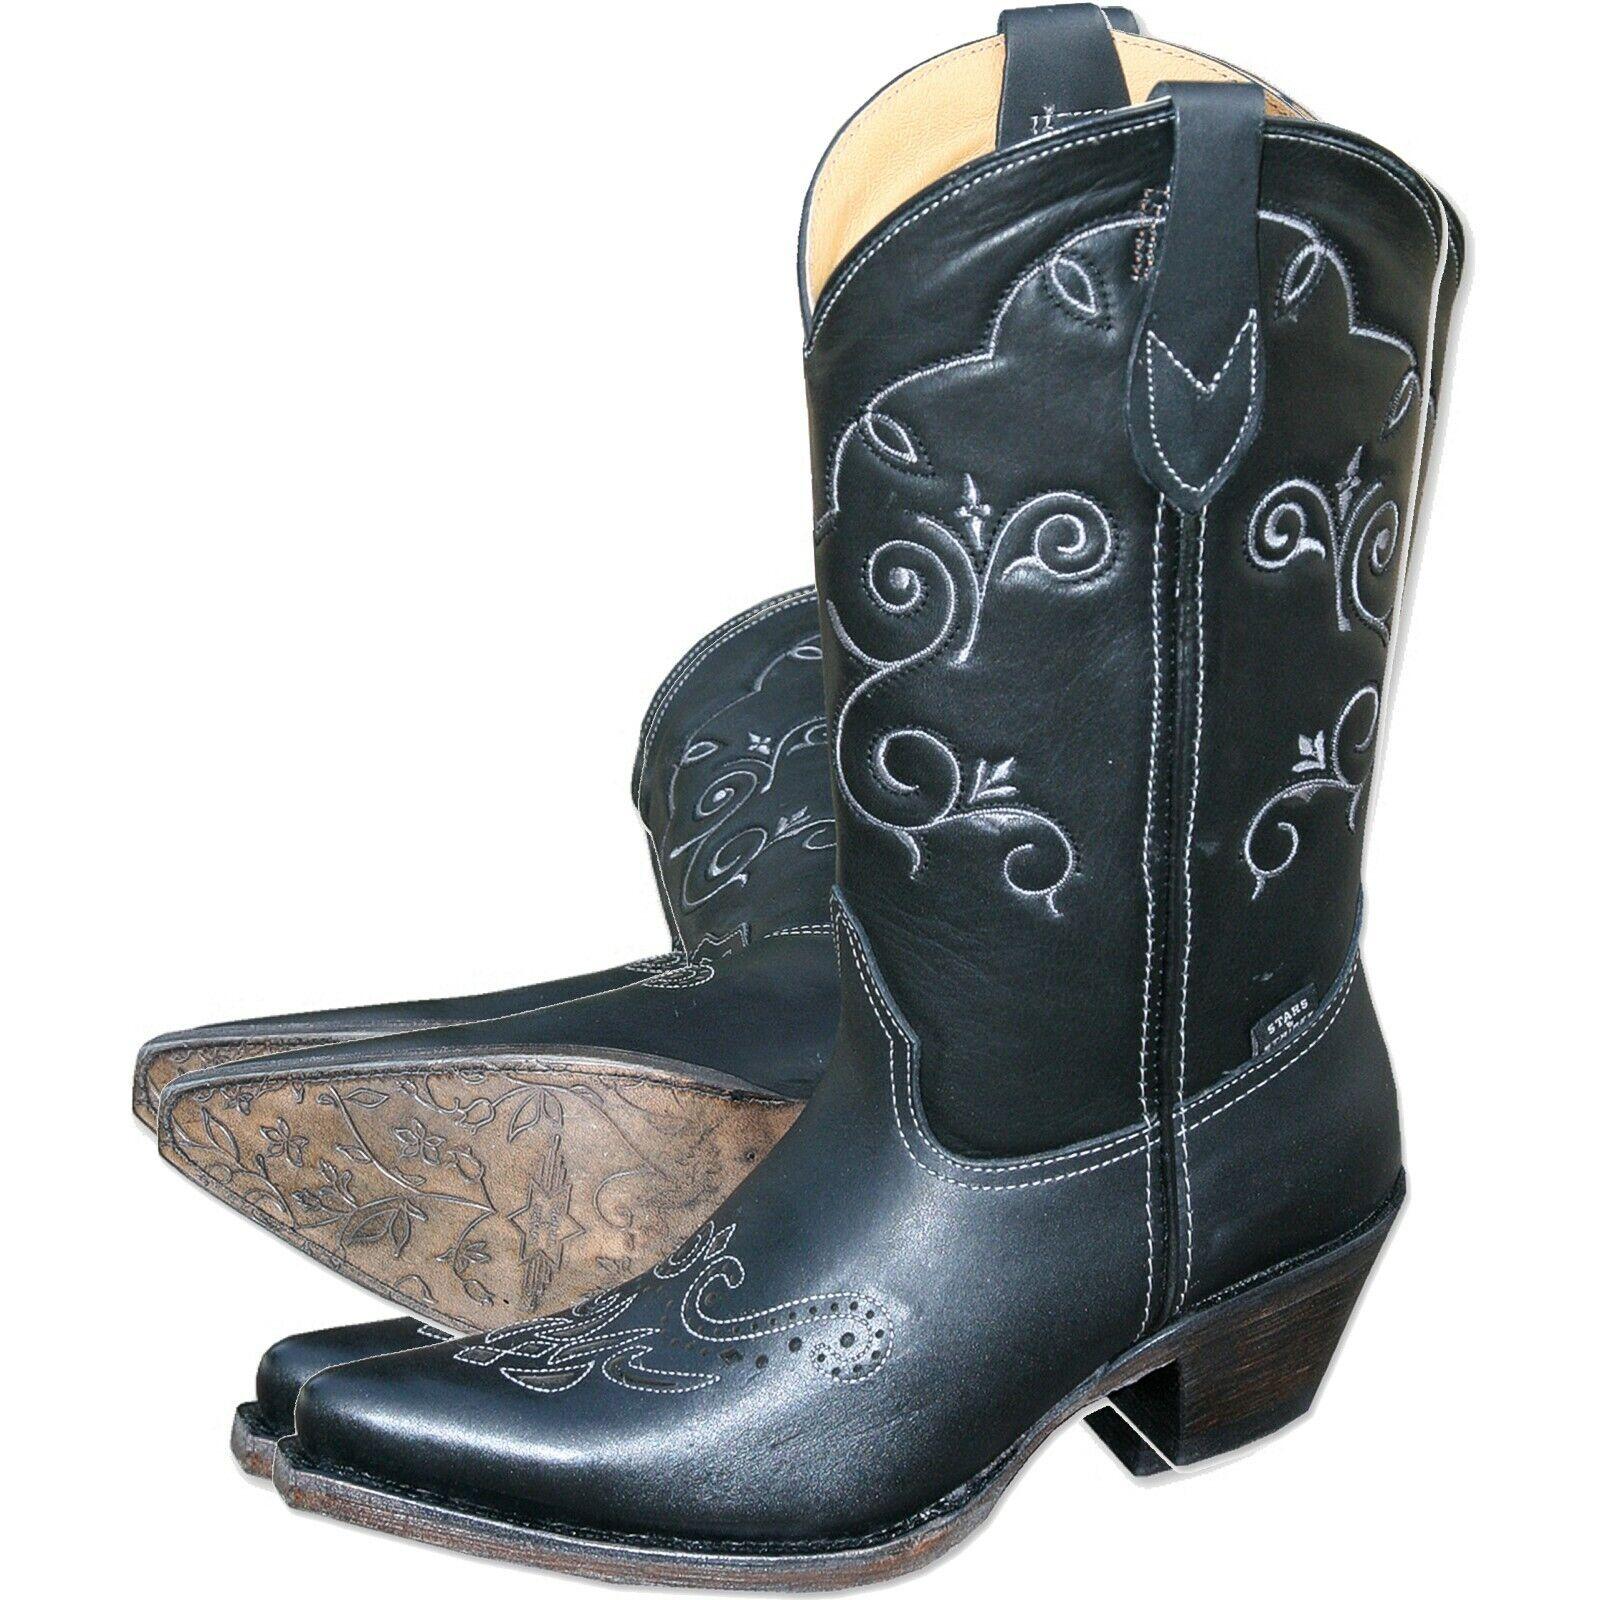 Westernstiefel Damen-Stiefel Cowgirlstiefel Lederstiefel Western  WBL-29  Schwarz